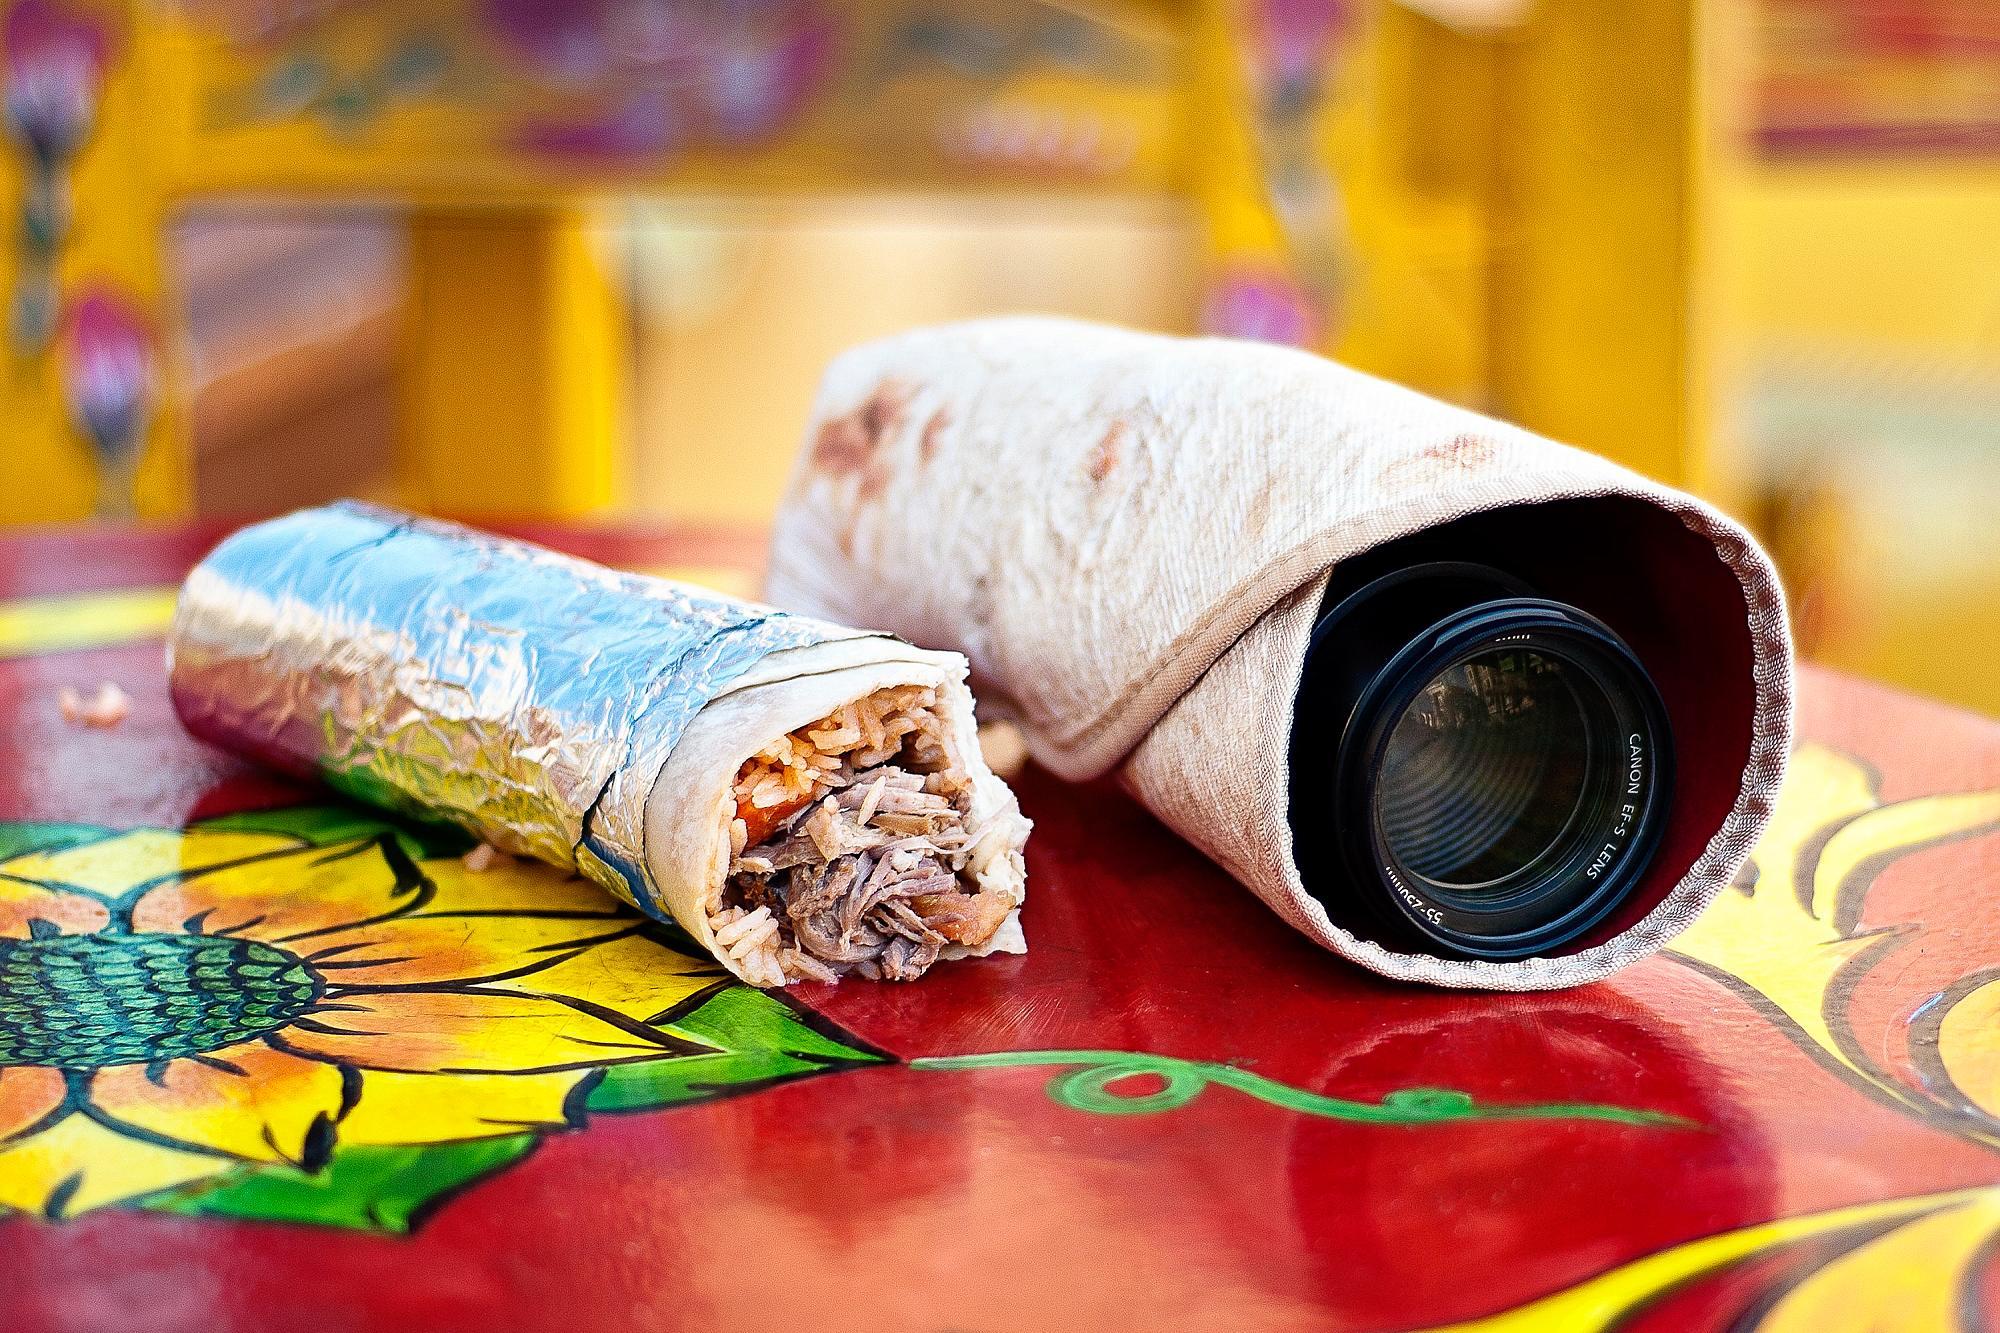 Linsförvaring i form av en burrito